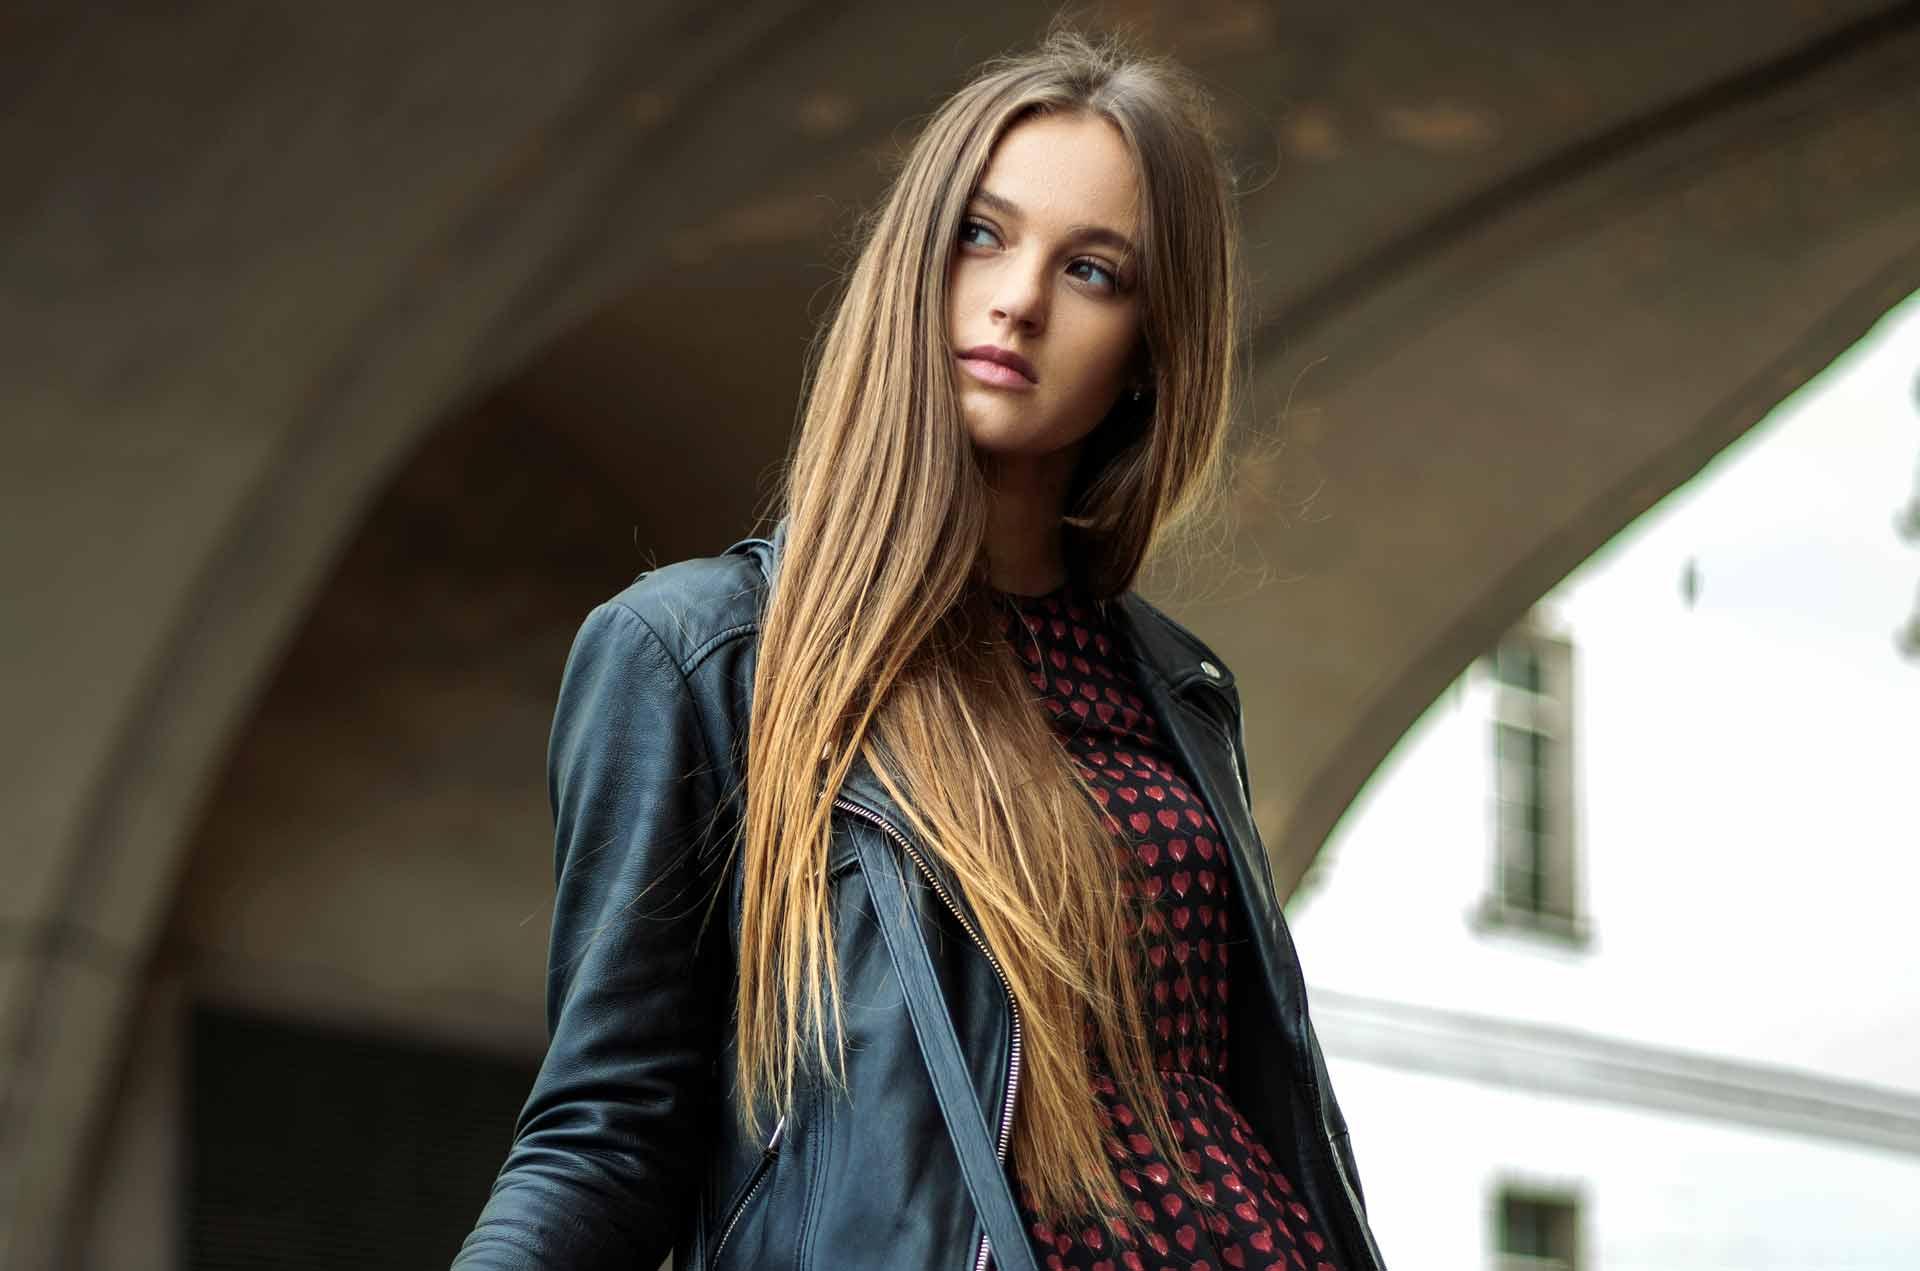 Hår modell langt hår